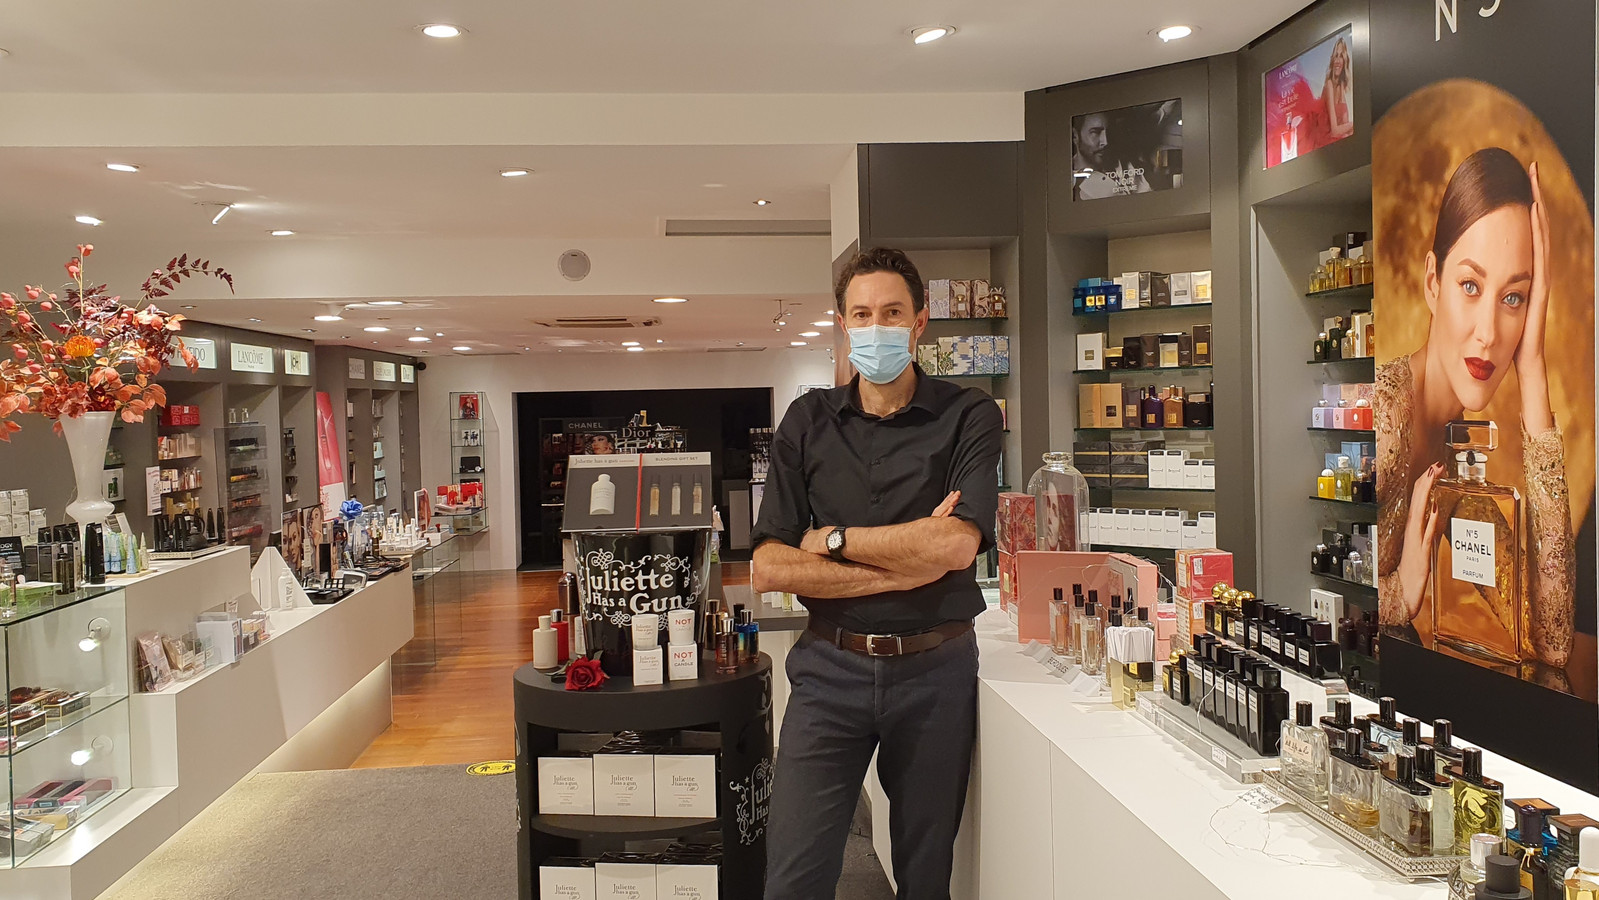 Bij Meylandt parfumerie is de coronacadeaubon van de stad dubbel zoveel waard.